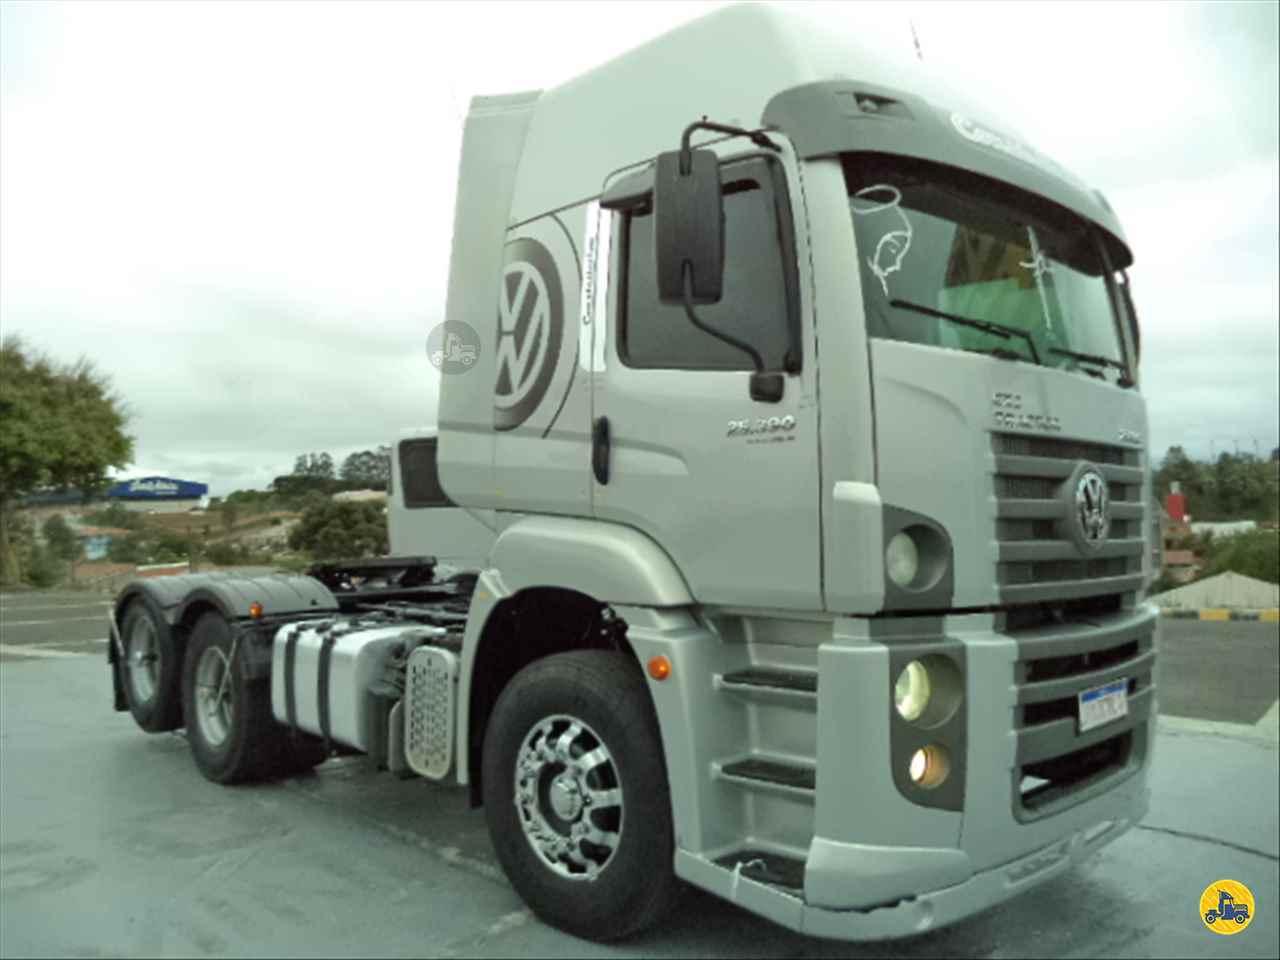 CAMINHAO VOLKSWAGEN VW 25390 Cavalo Mecânico Truck 6x2 Nego Véio Caminhões e Ônibus  COLOMBO PARANÁ PR